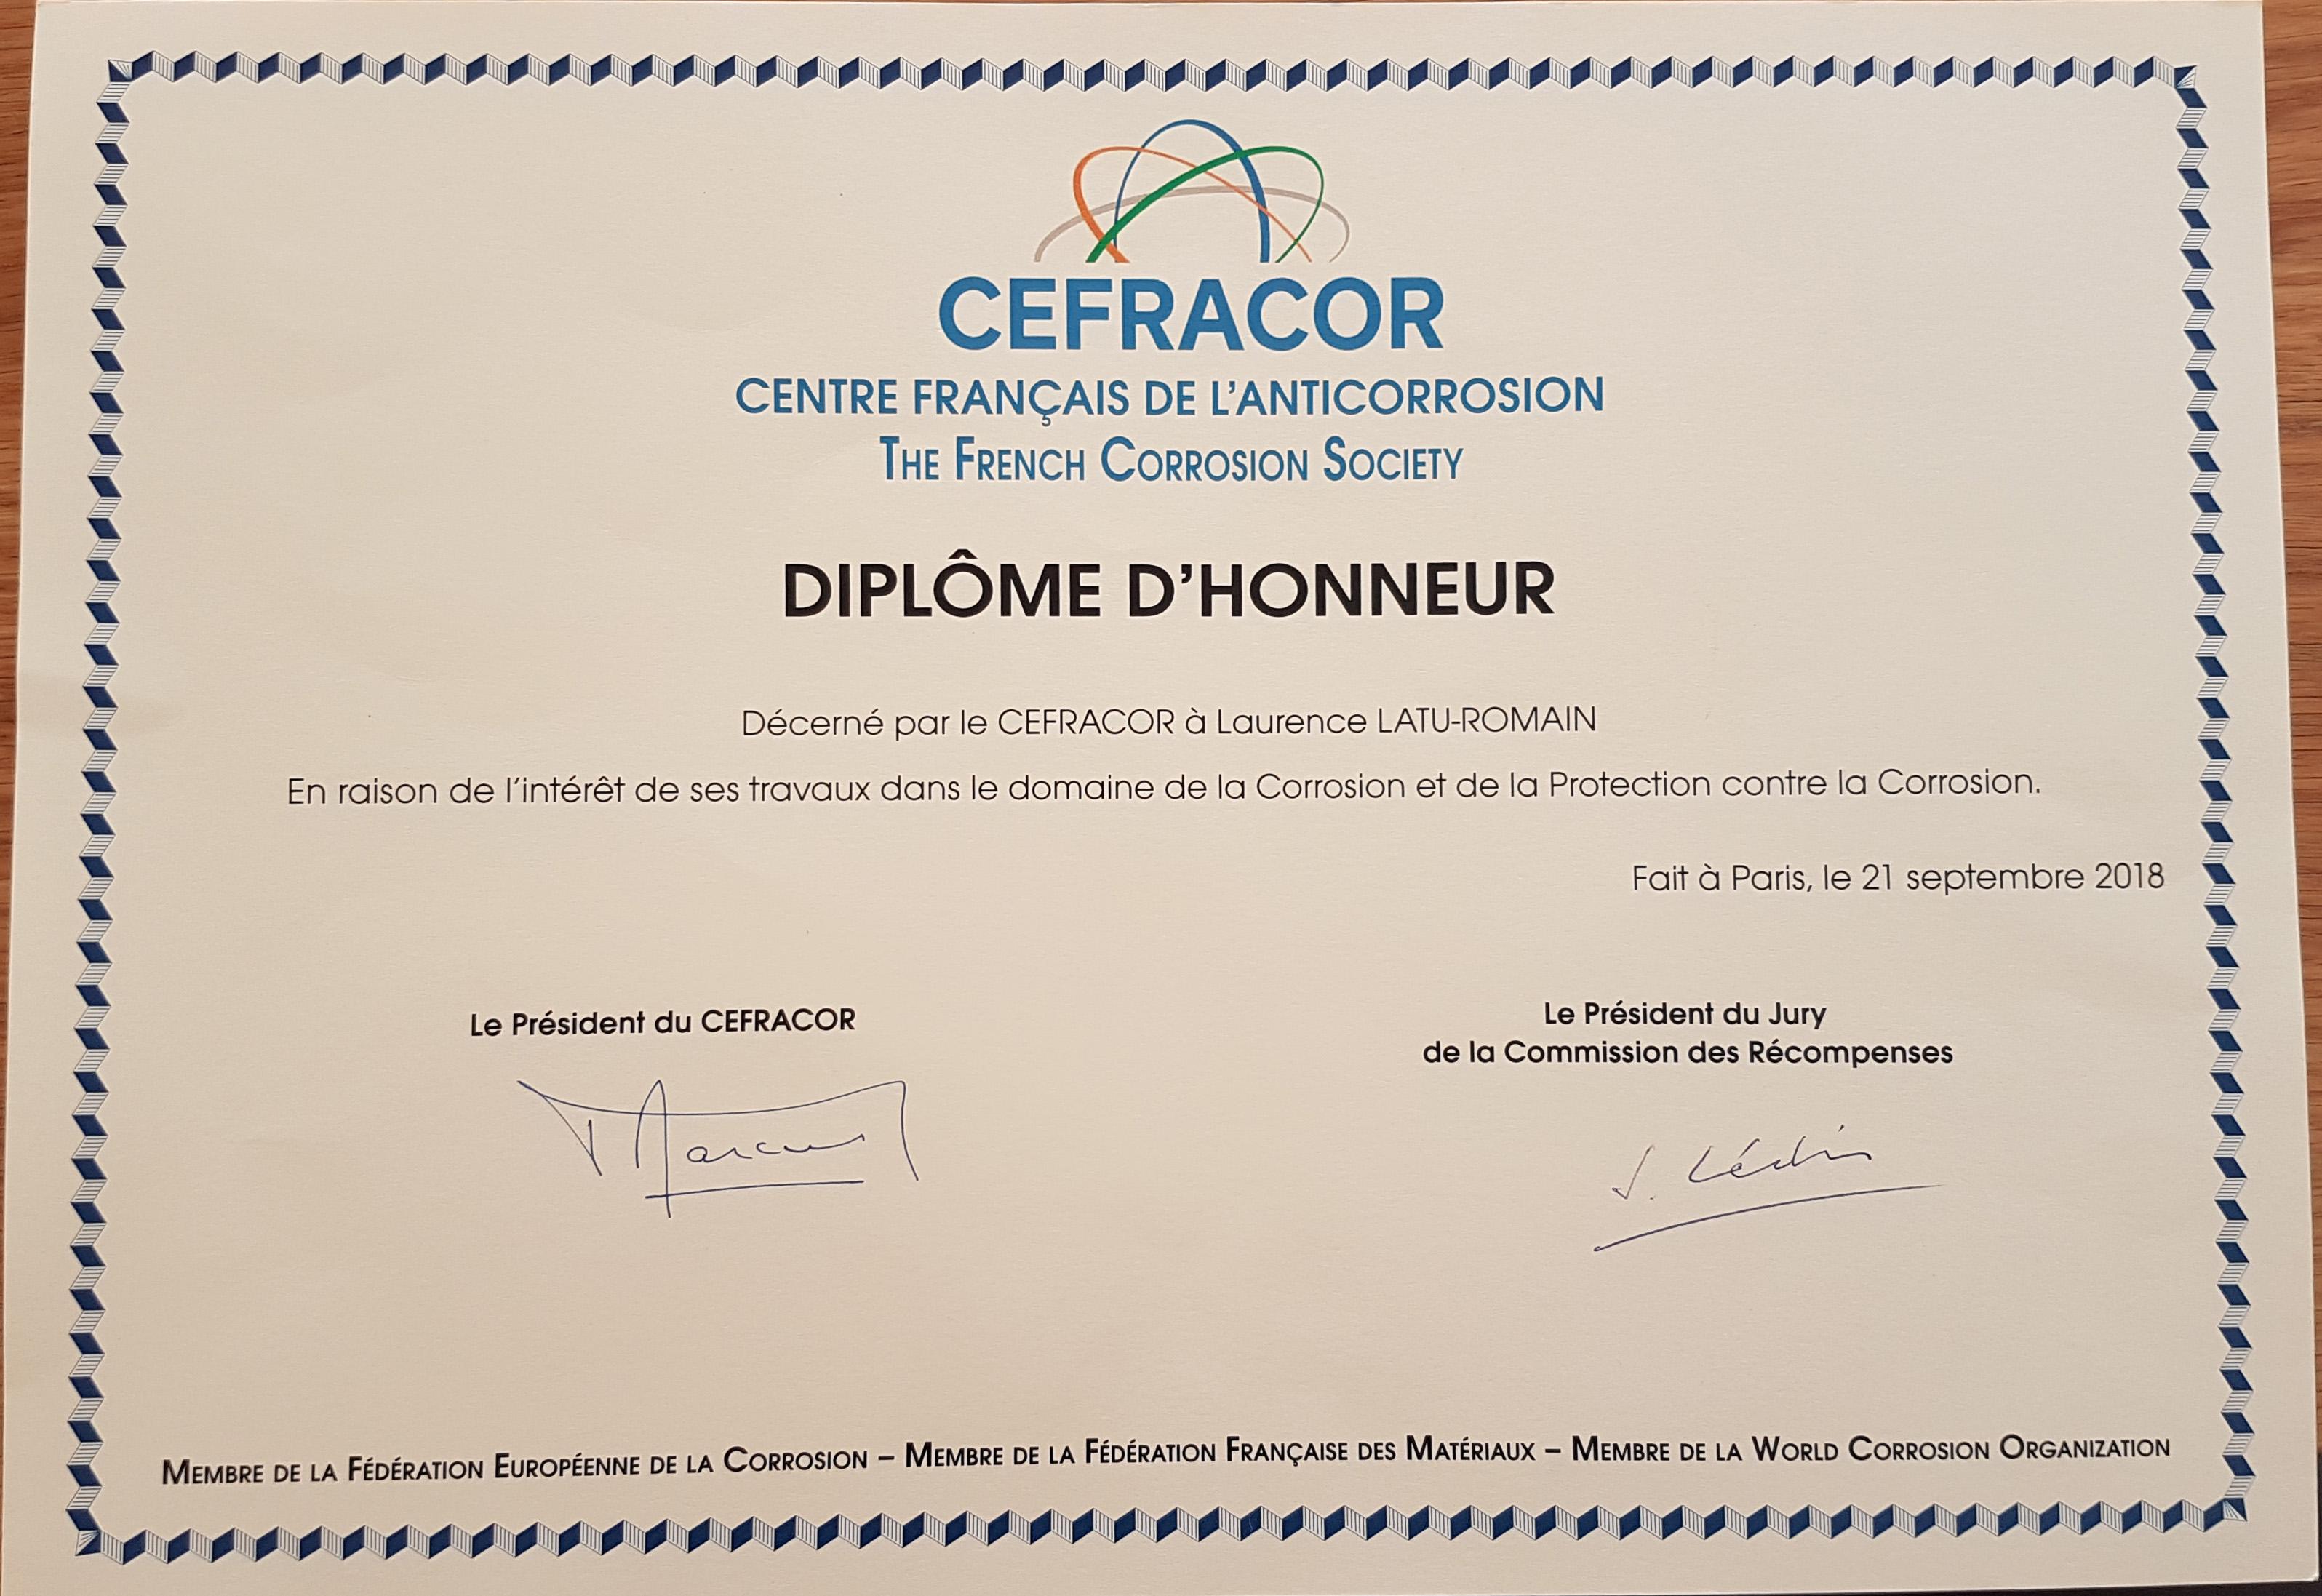 diplome d'honneur CEFRACOR